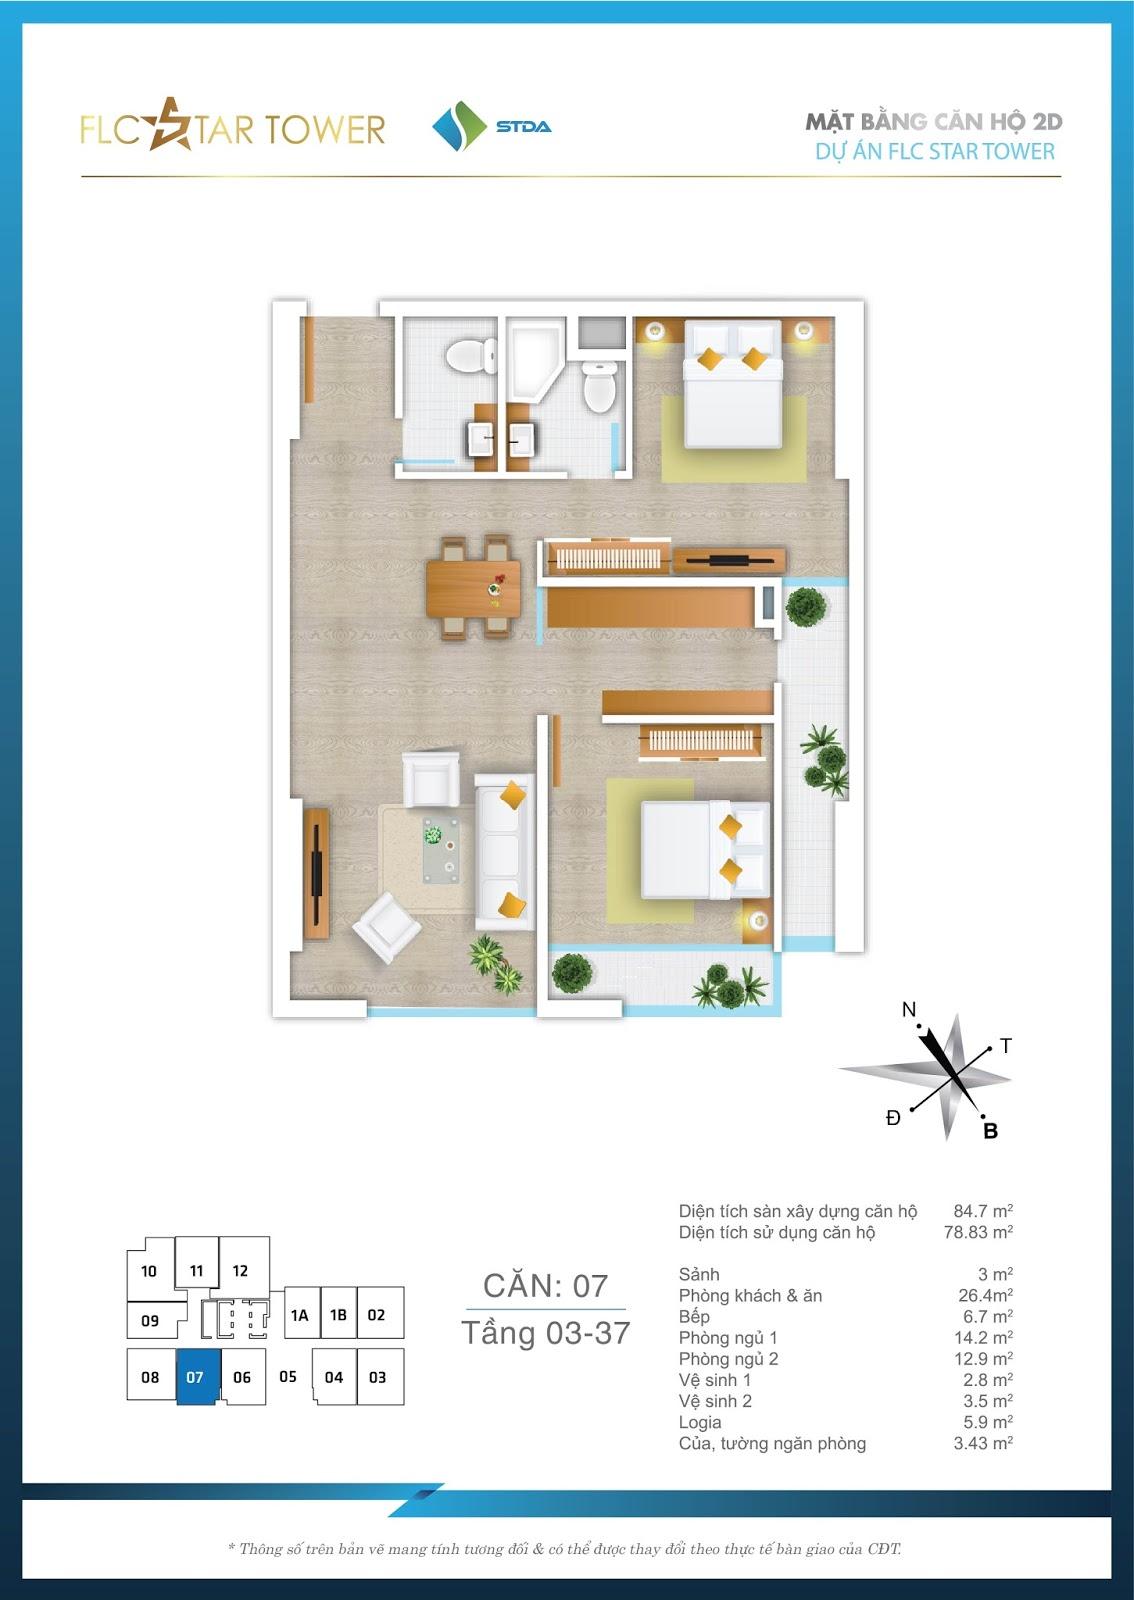 Thiết kế căn hộ 07 - Chung cư FLC Star Tower Hà Đông